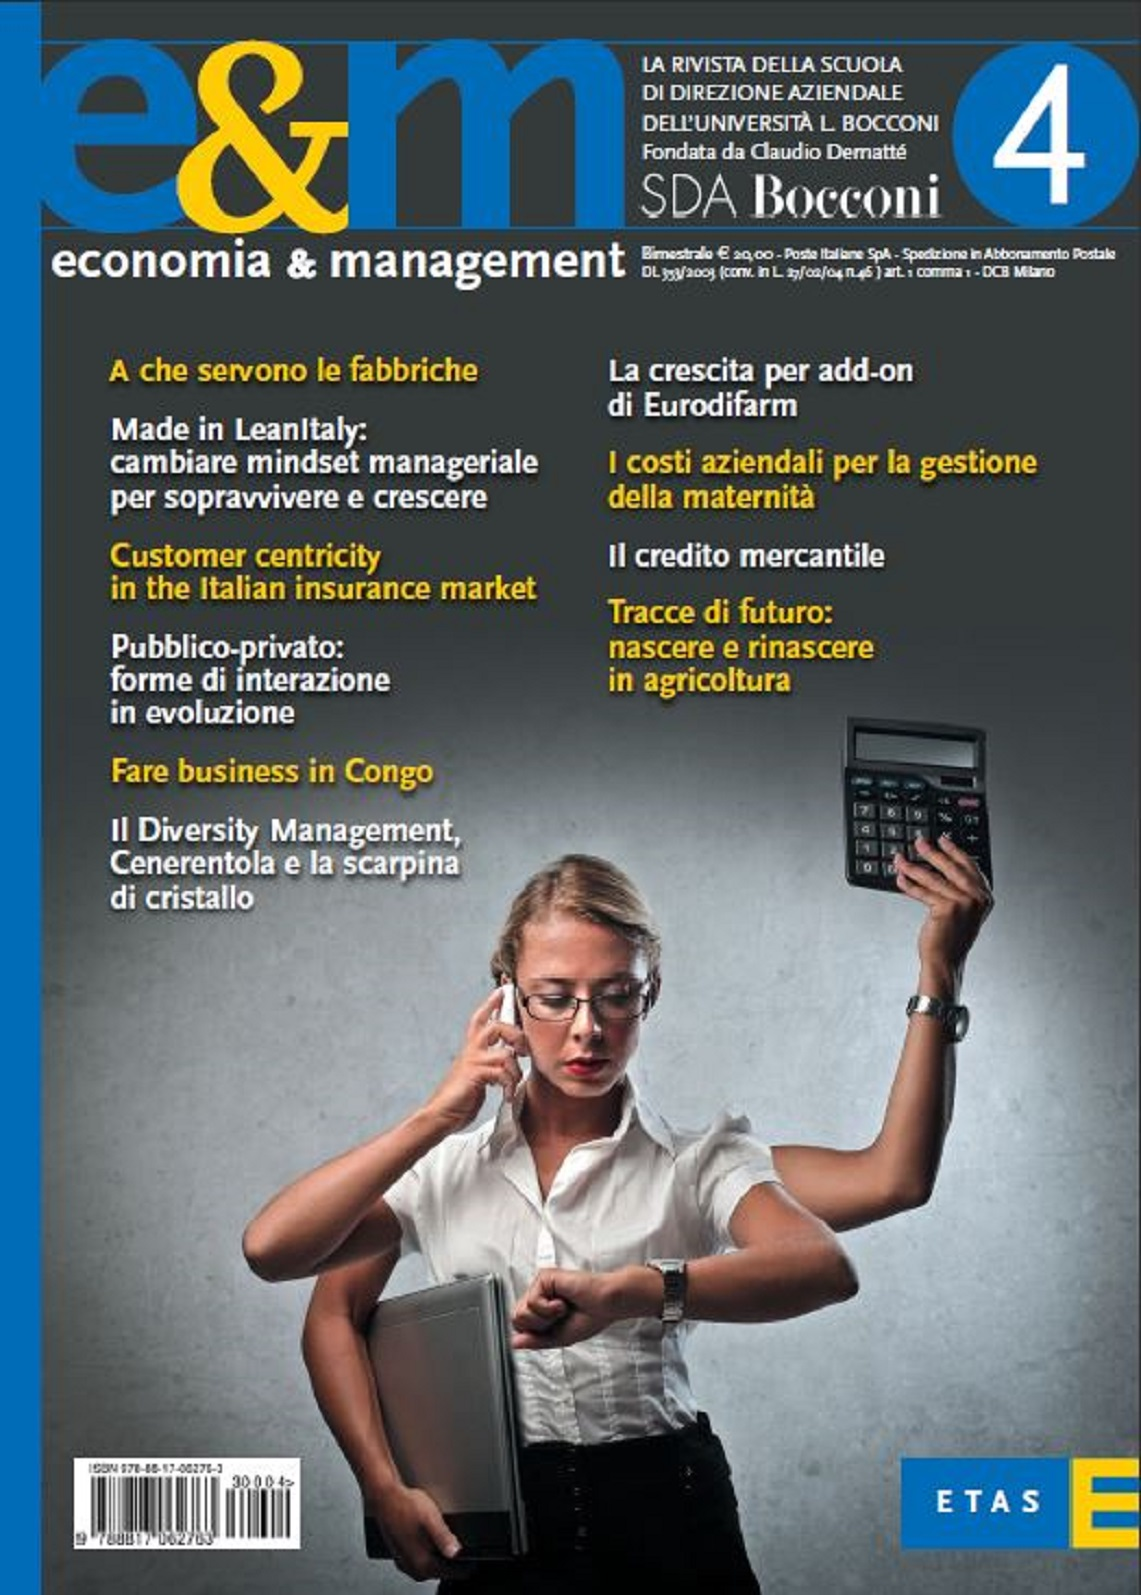 E&M - 2013/4